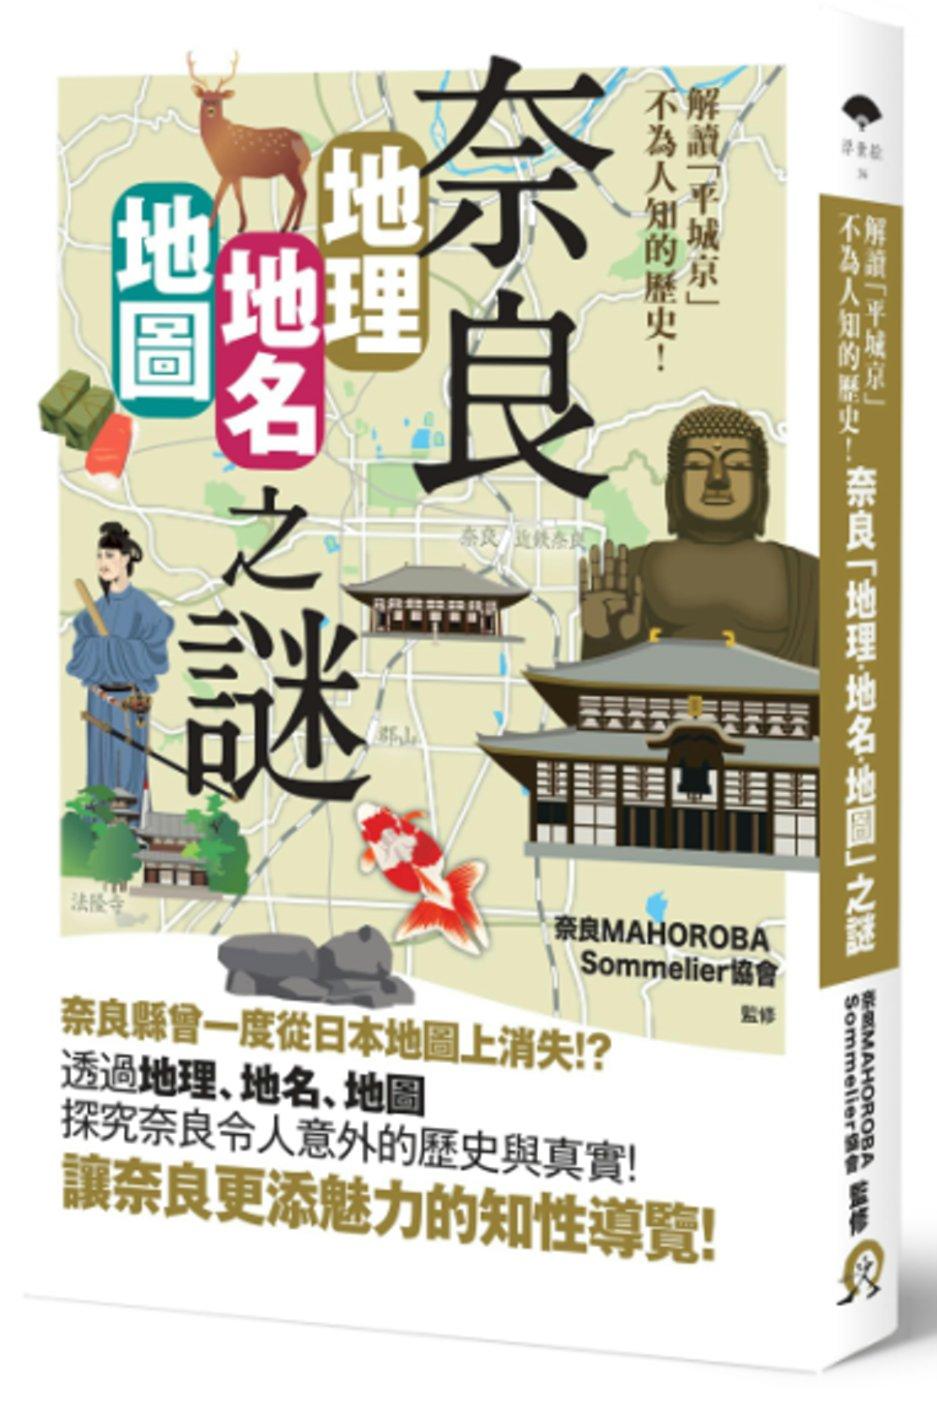 奈良「地理・地名・地圖」之謎:解讀「平城京」不為人知的歷史!